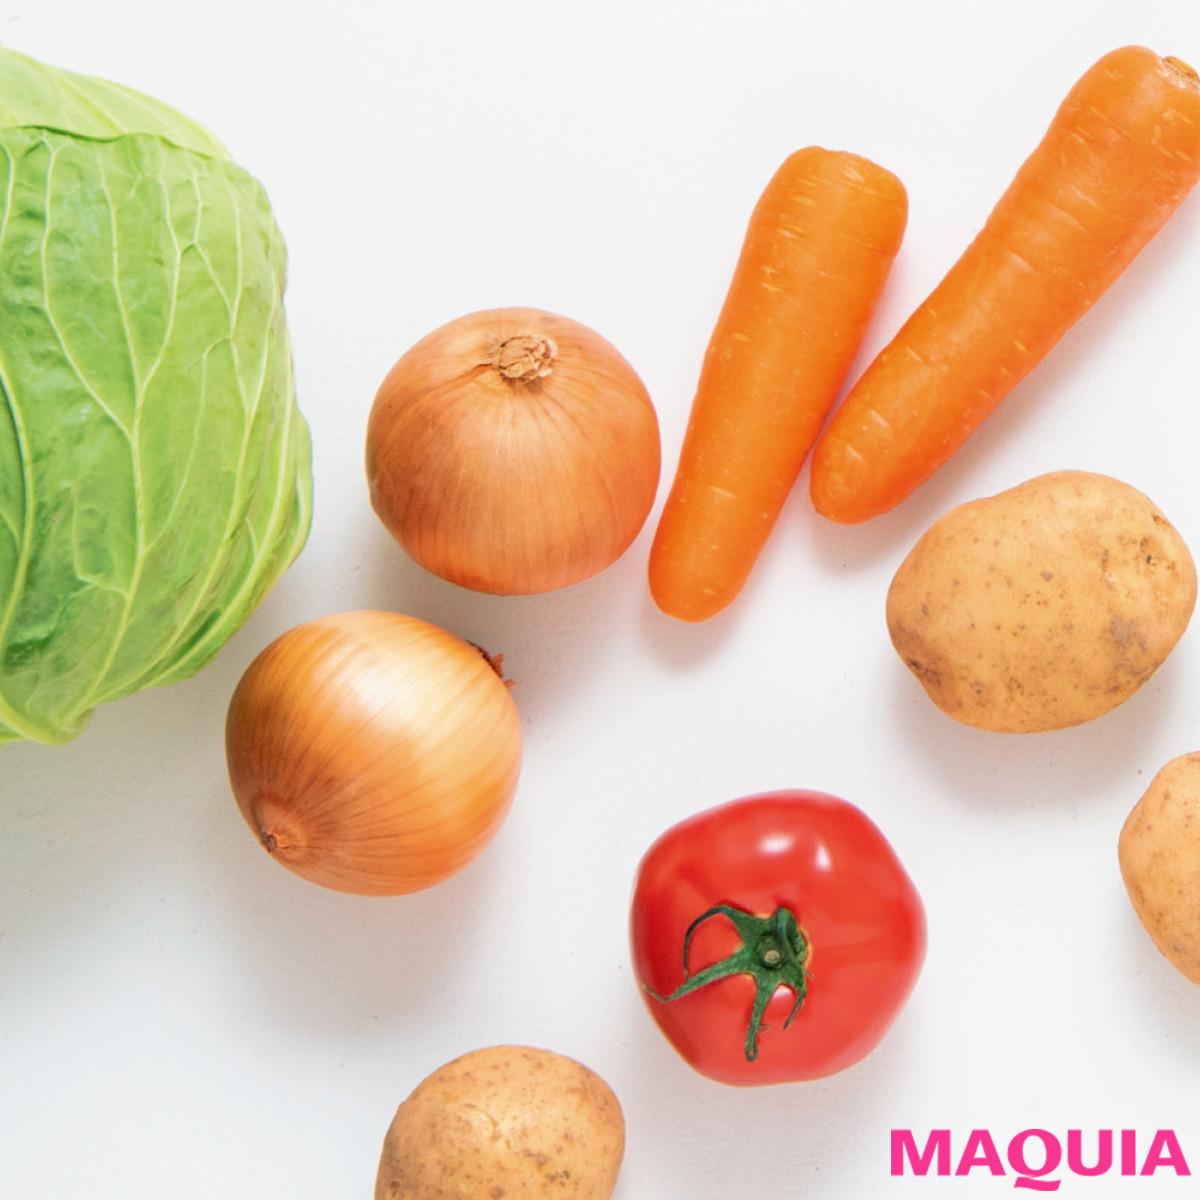 マキア世代は栄養不足が深刻!? まず覚えたい「素材100%活かし」の4カ条